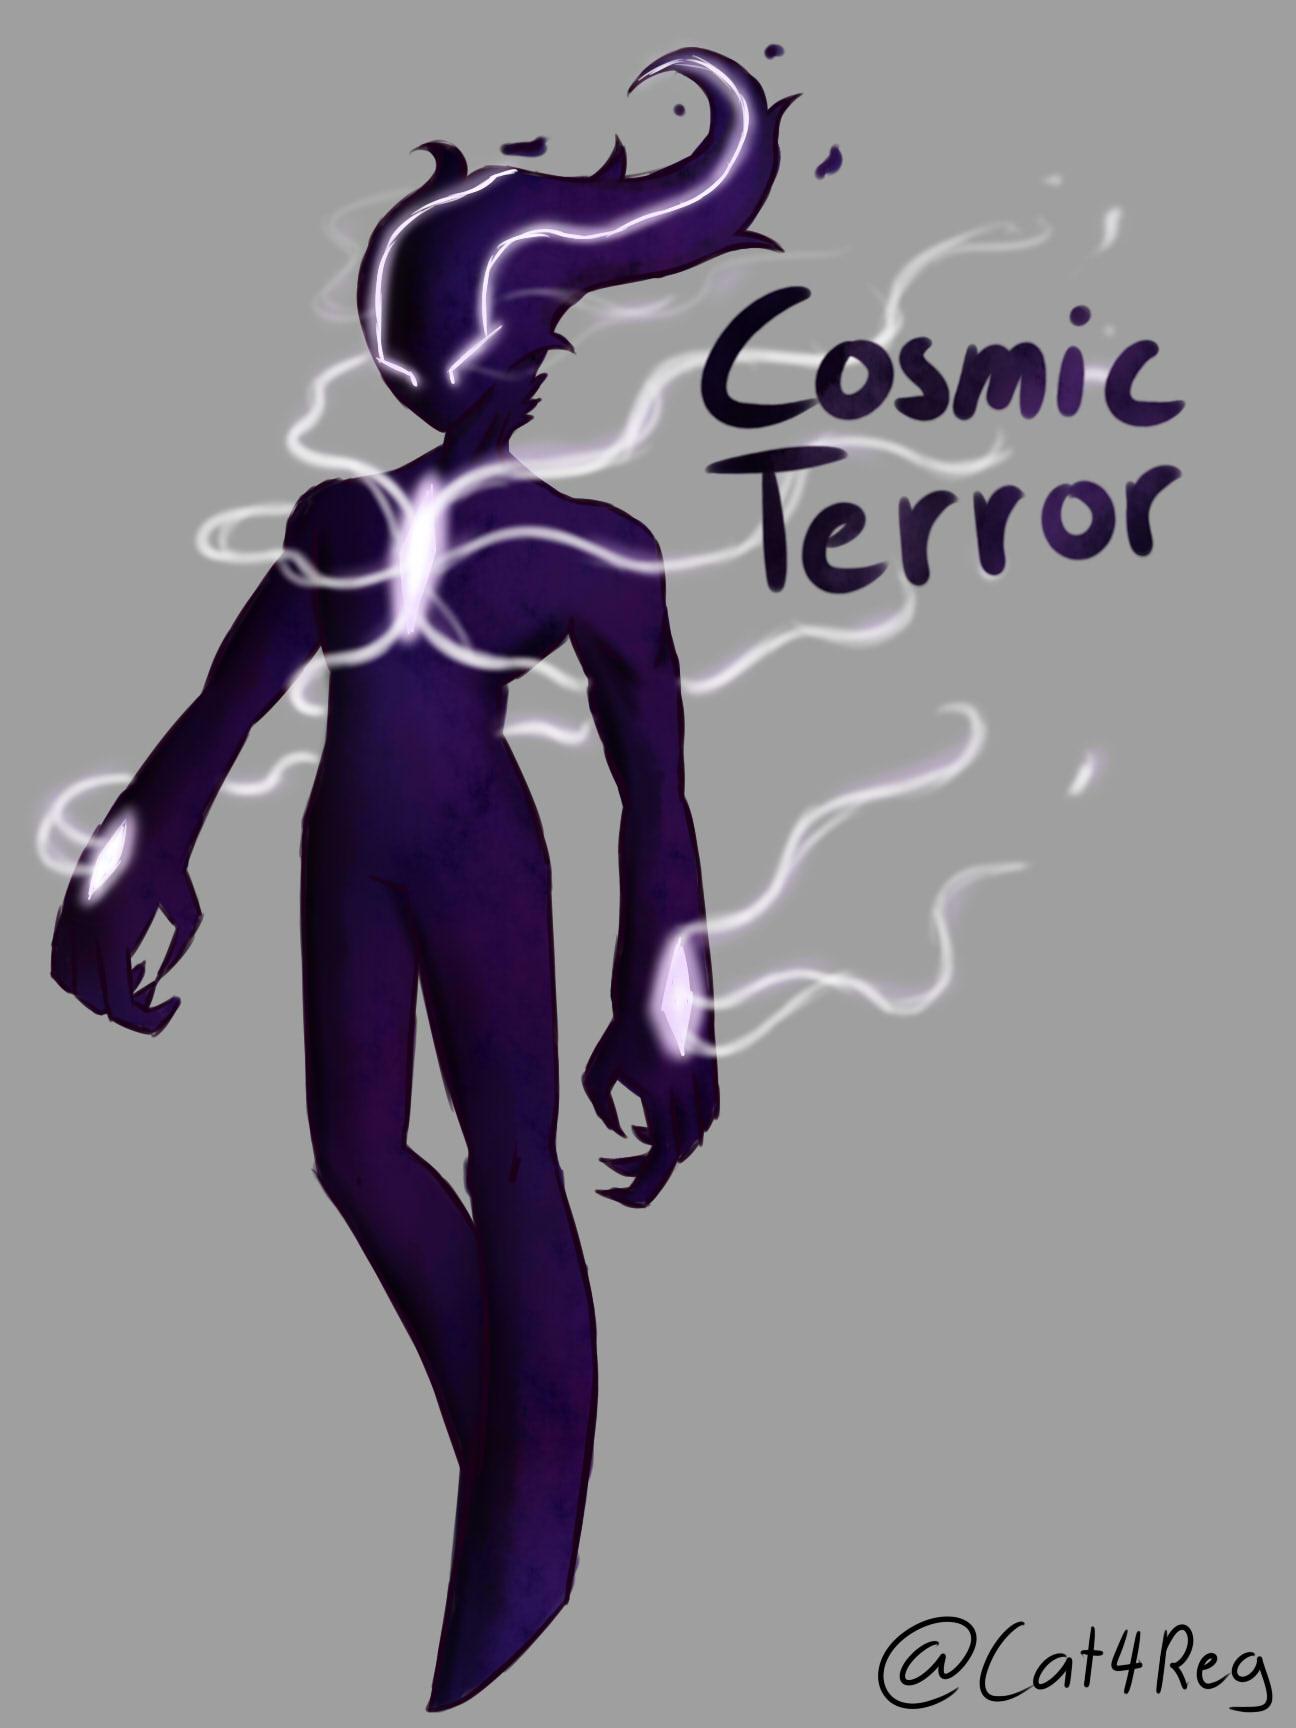 Cosmic Terror.jpg